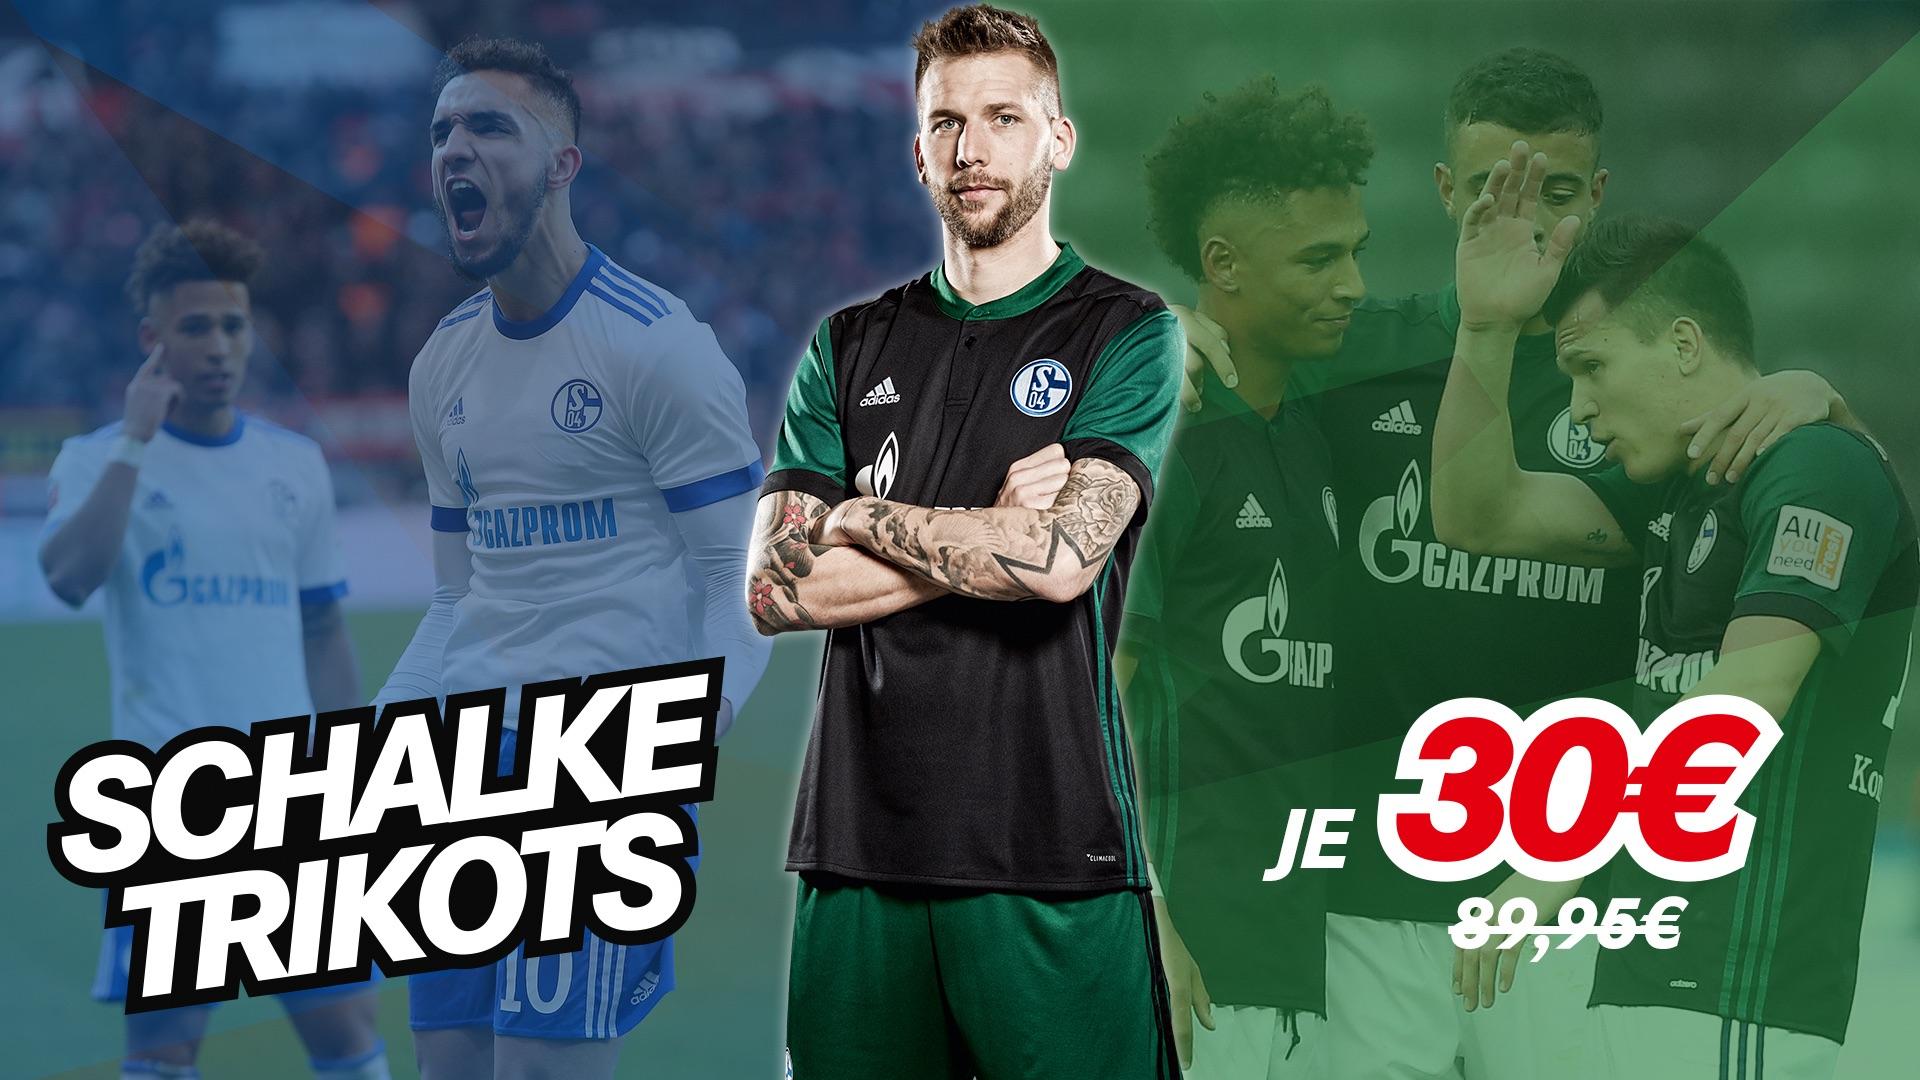 Schalke Ausweichtrikot für 30€ zzgl. VSK 5€ - Originalpreis 89,95€